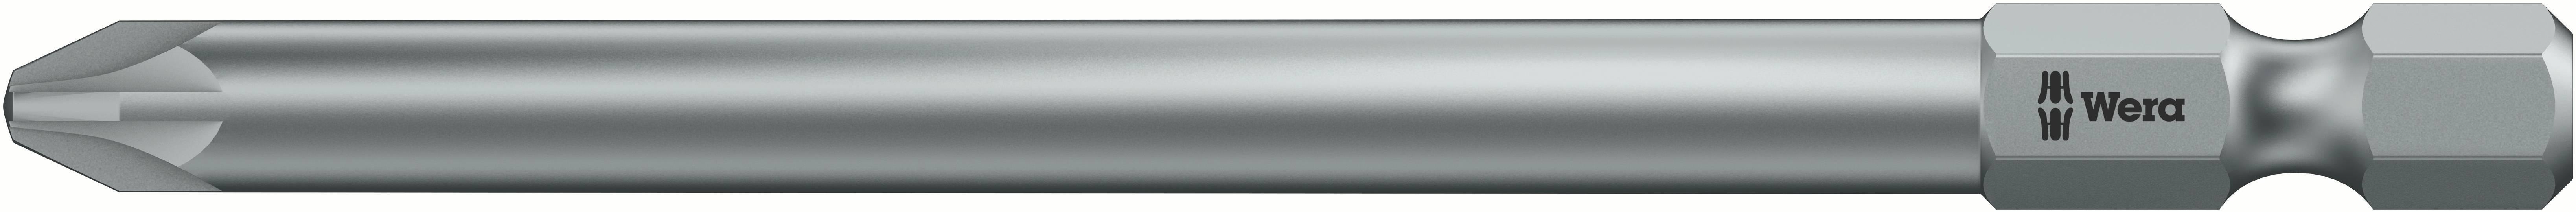 Prodloužený křížový bit Wera 855/4 Z PZ 2 x 89 mm 05060035001, nástrojová ocel, 1 ks